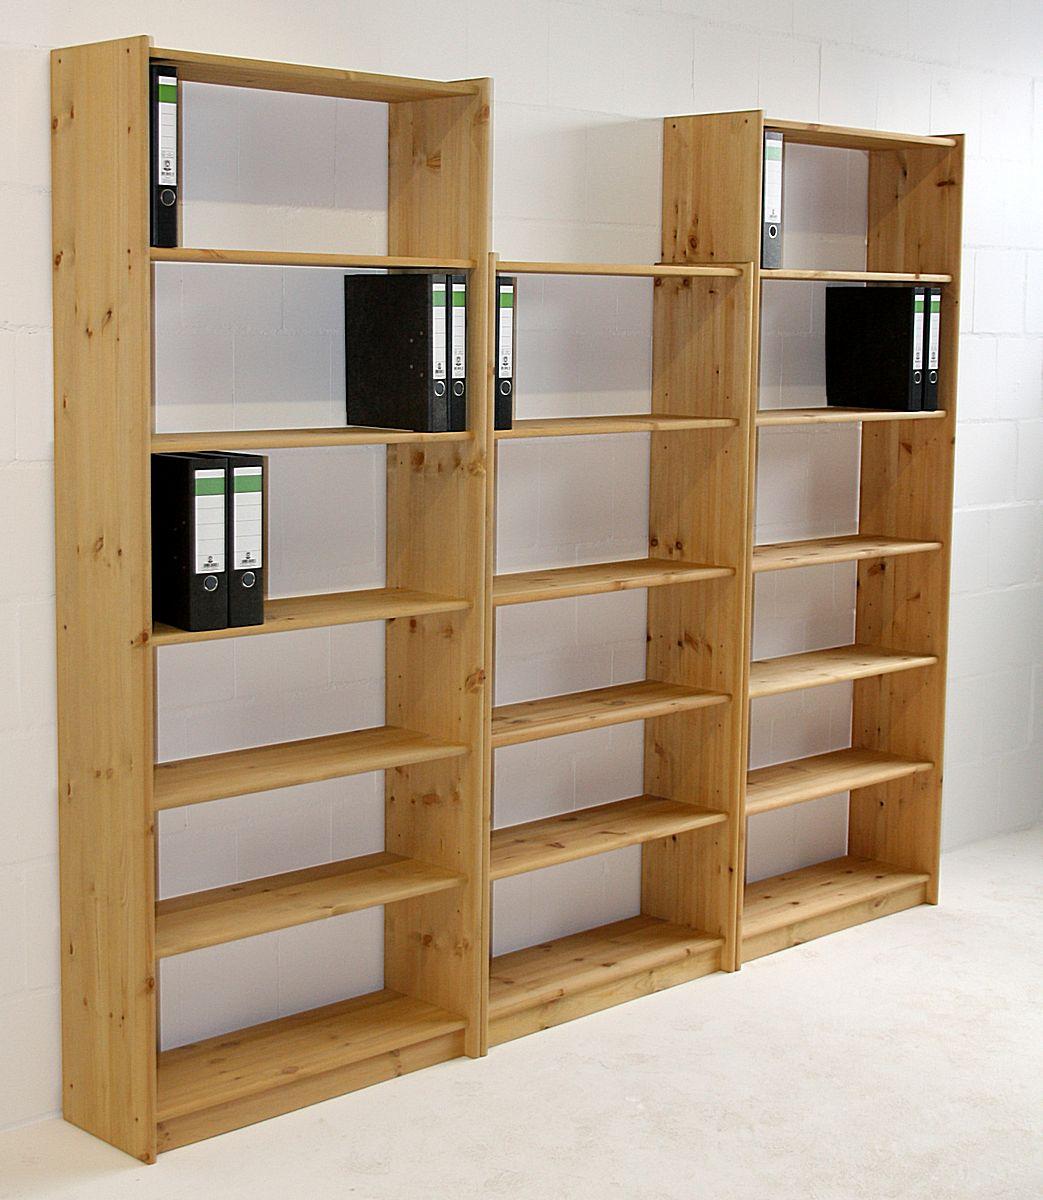 buecherregal axel kiefer gelaugt geoelt 145 146 146 massivholz m bel in goslar massivholz. Black Bedroom Furniture Sets. Home Design Ideas